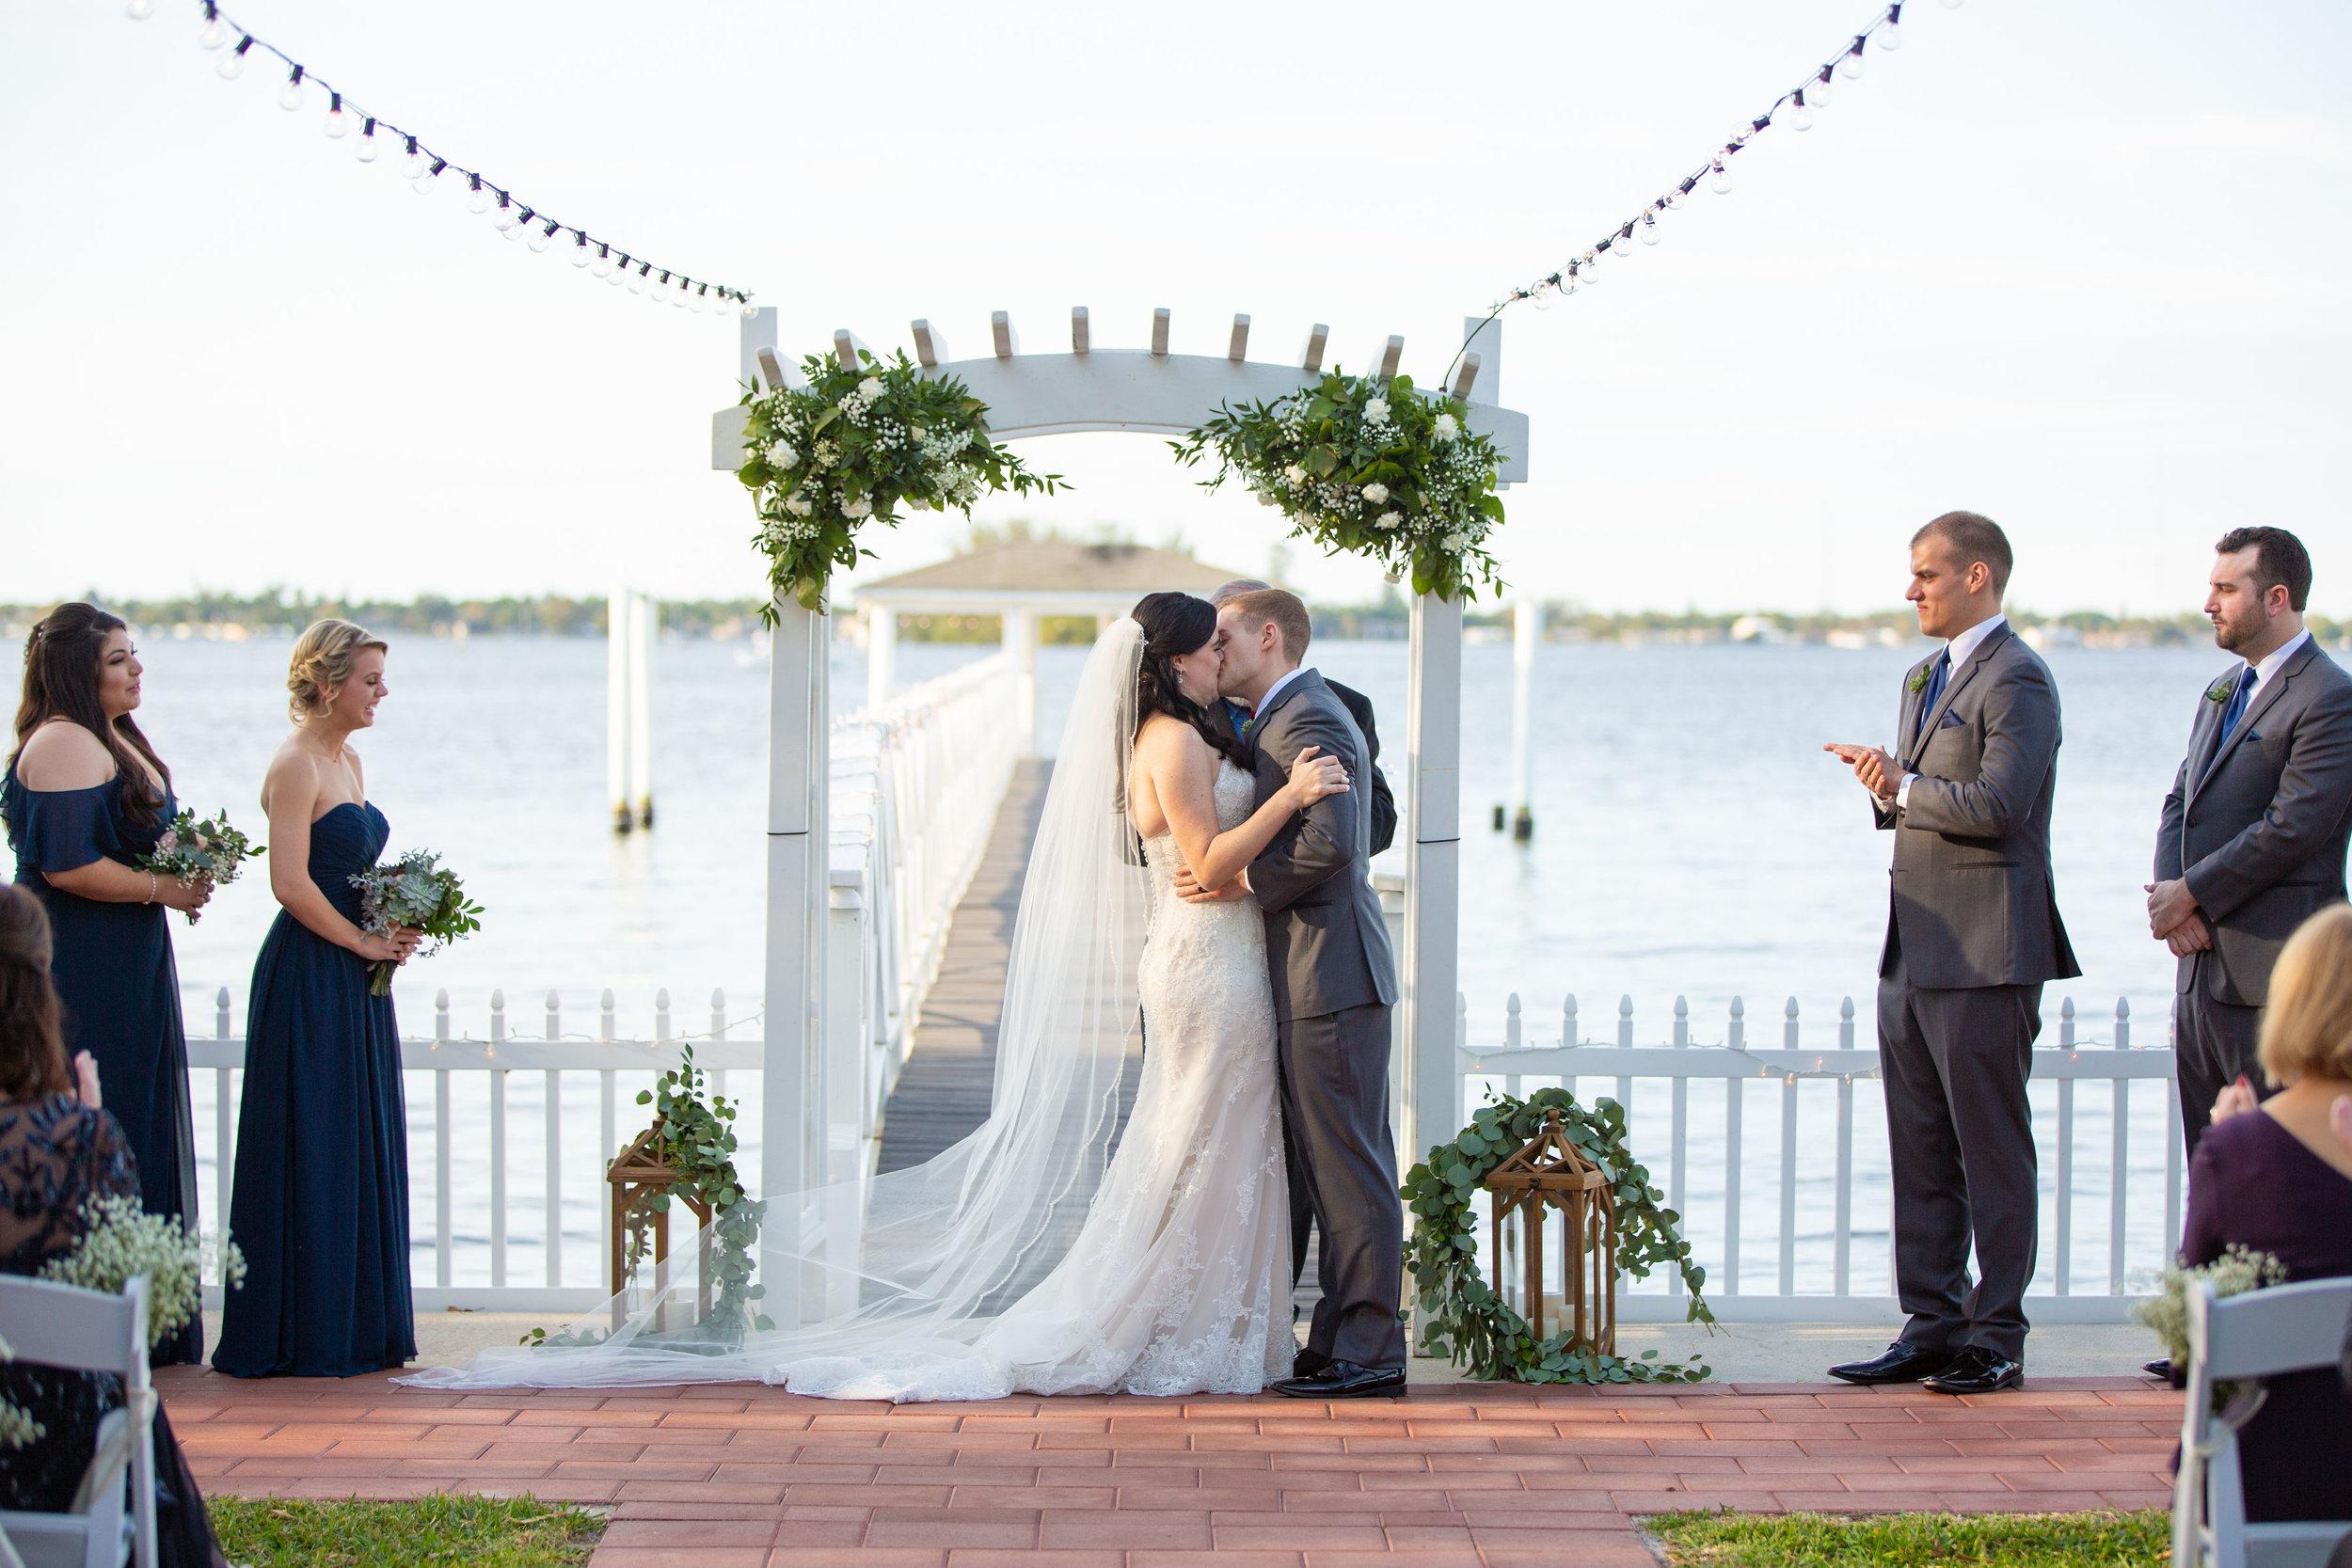 The Heitman House Wedding